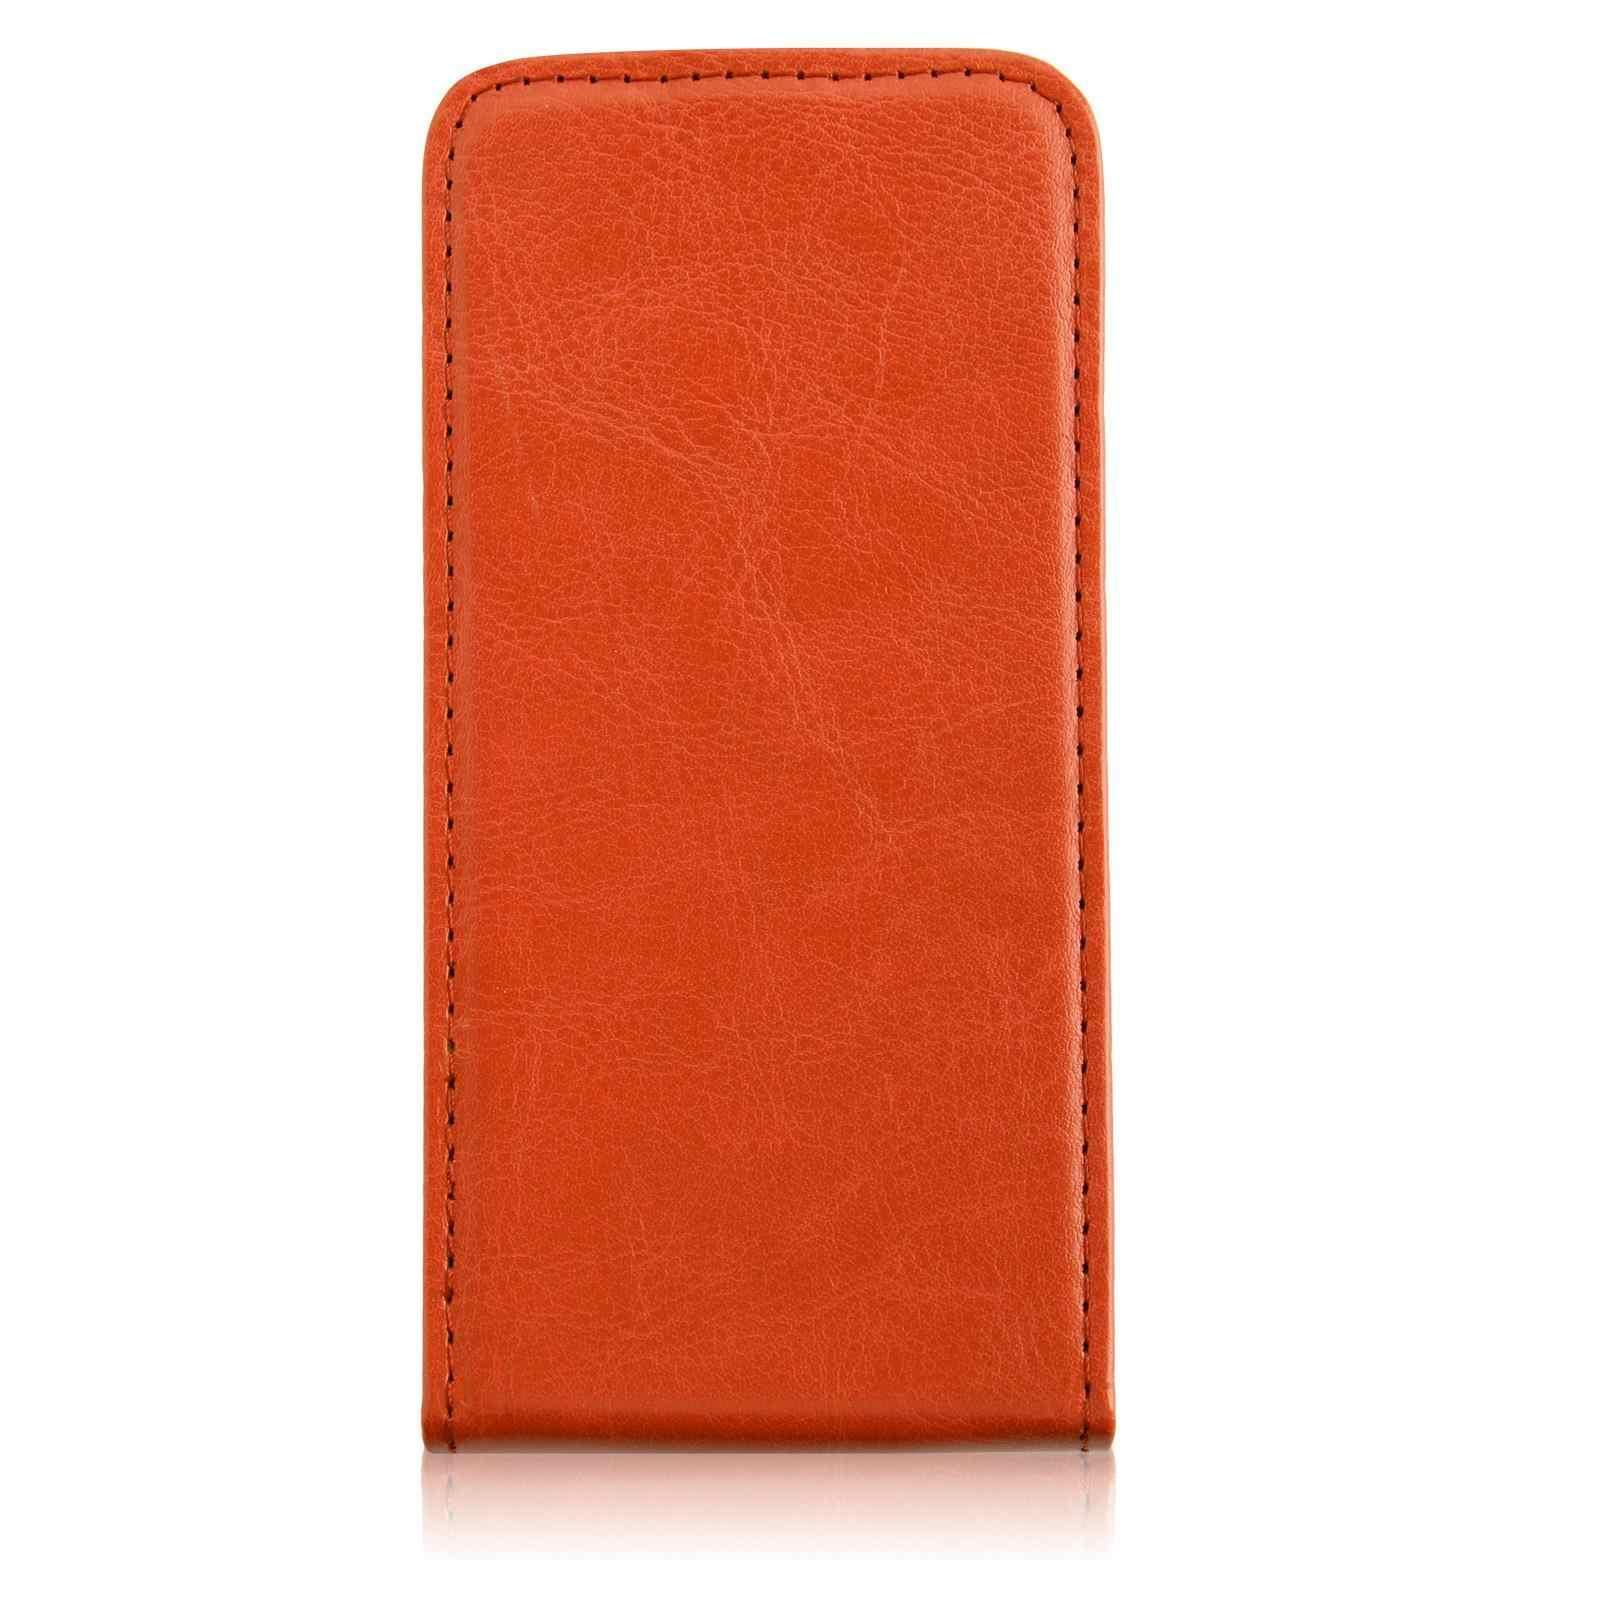 7 ألوان حقيقية محفظة جلدية الهاتف حقيبة لهاتف أي فون 6 ل مجموعات الايفون قضية الوجه الأوساخ مقاومة مكافحة تدق الحقيبة